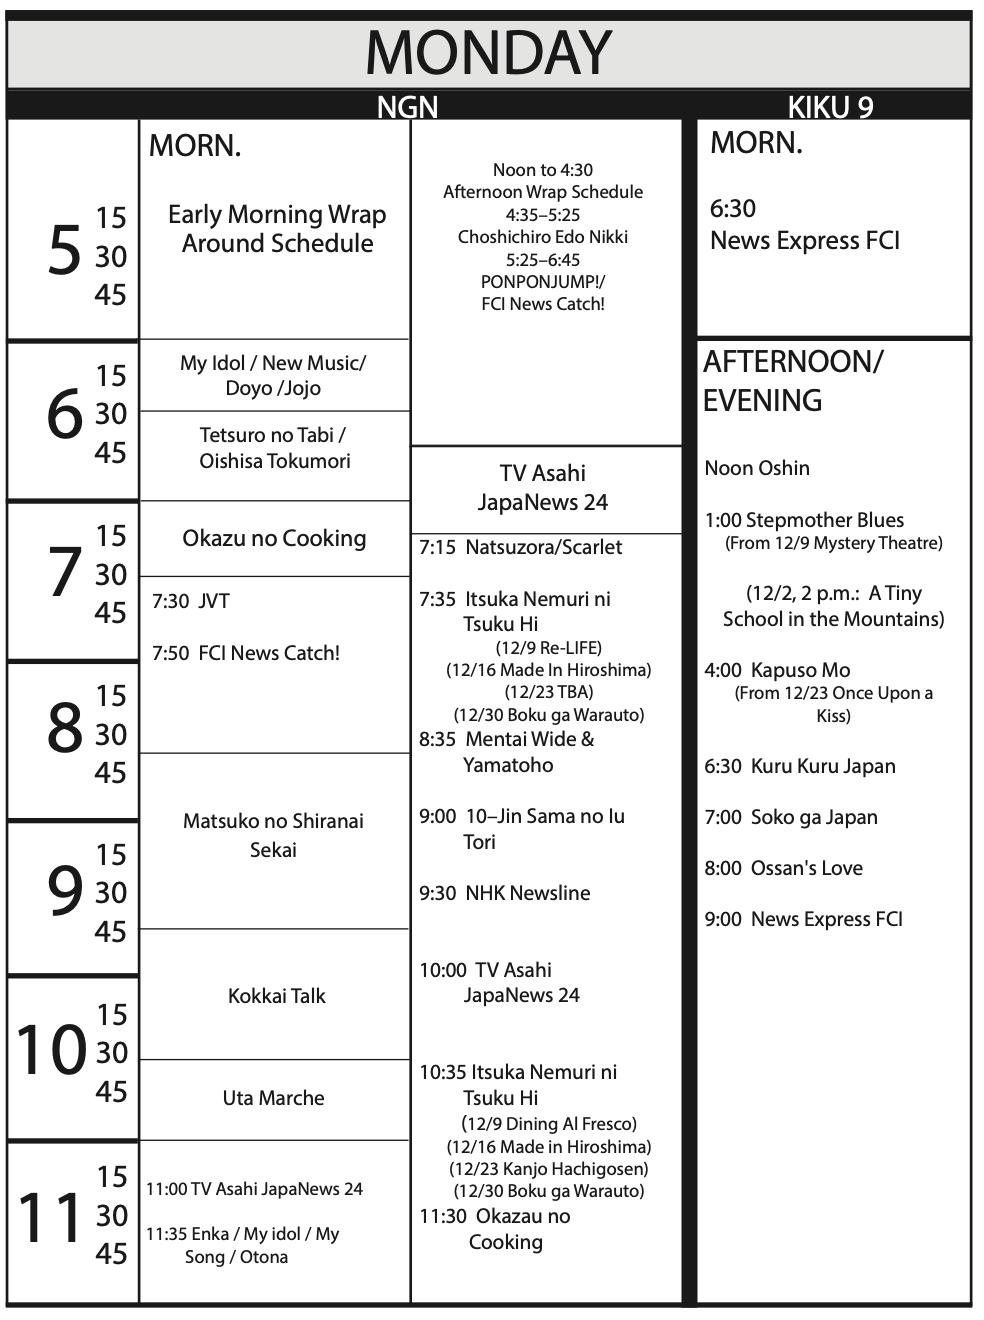 TV Program Schedule 11/15/19 Issue - Monday